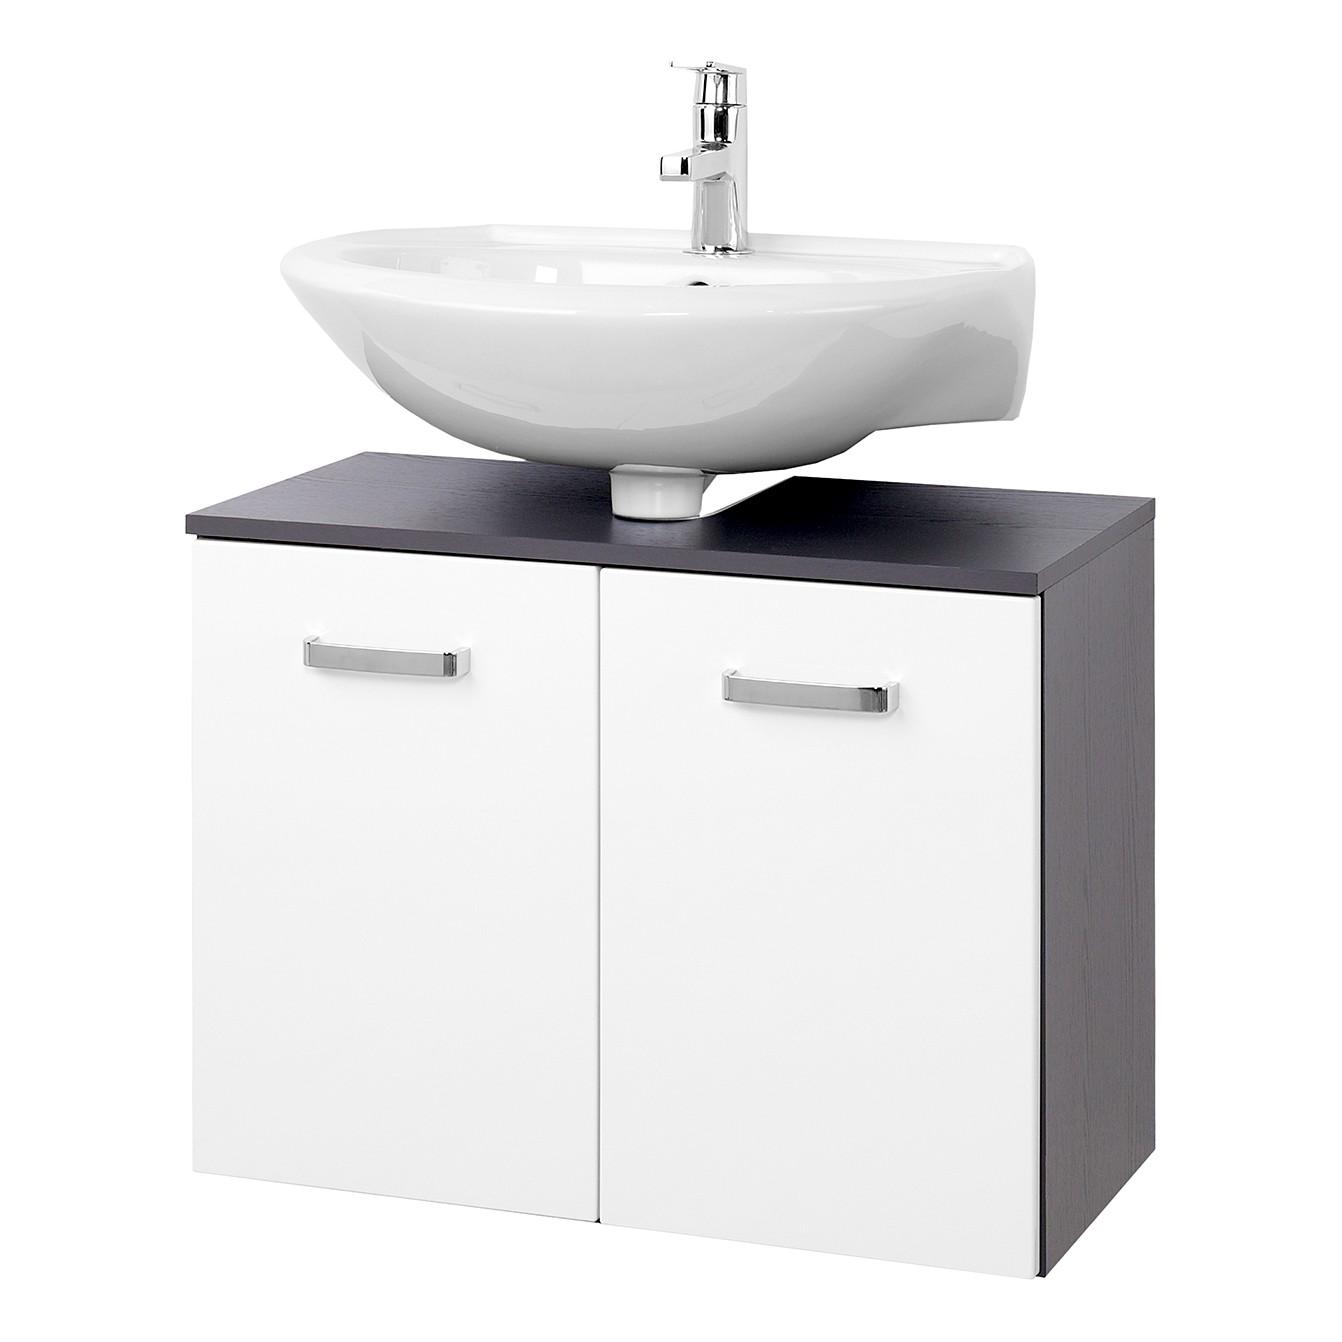 home24 Waschbeckenunterschrank Zeehan I | Bad > Badmöbel > Waschbeckenunterschränke | Grau | Holzwerkstoff | Giessbach